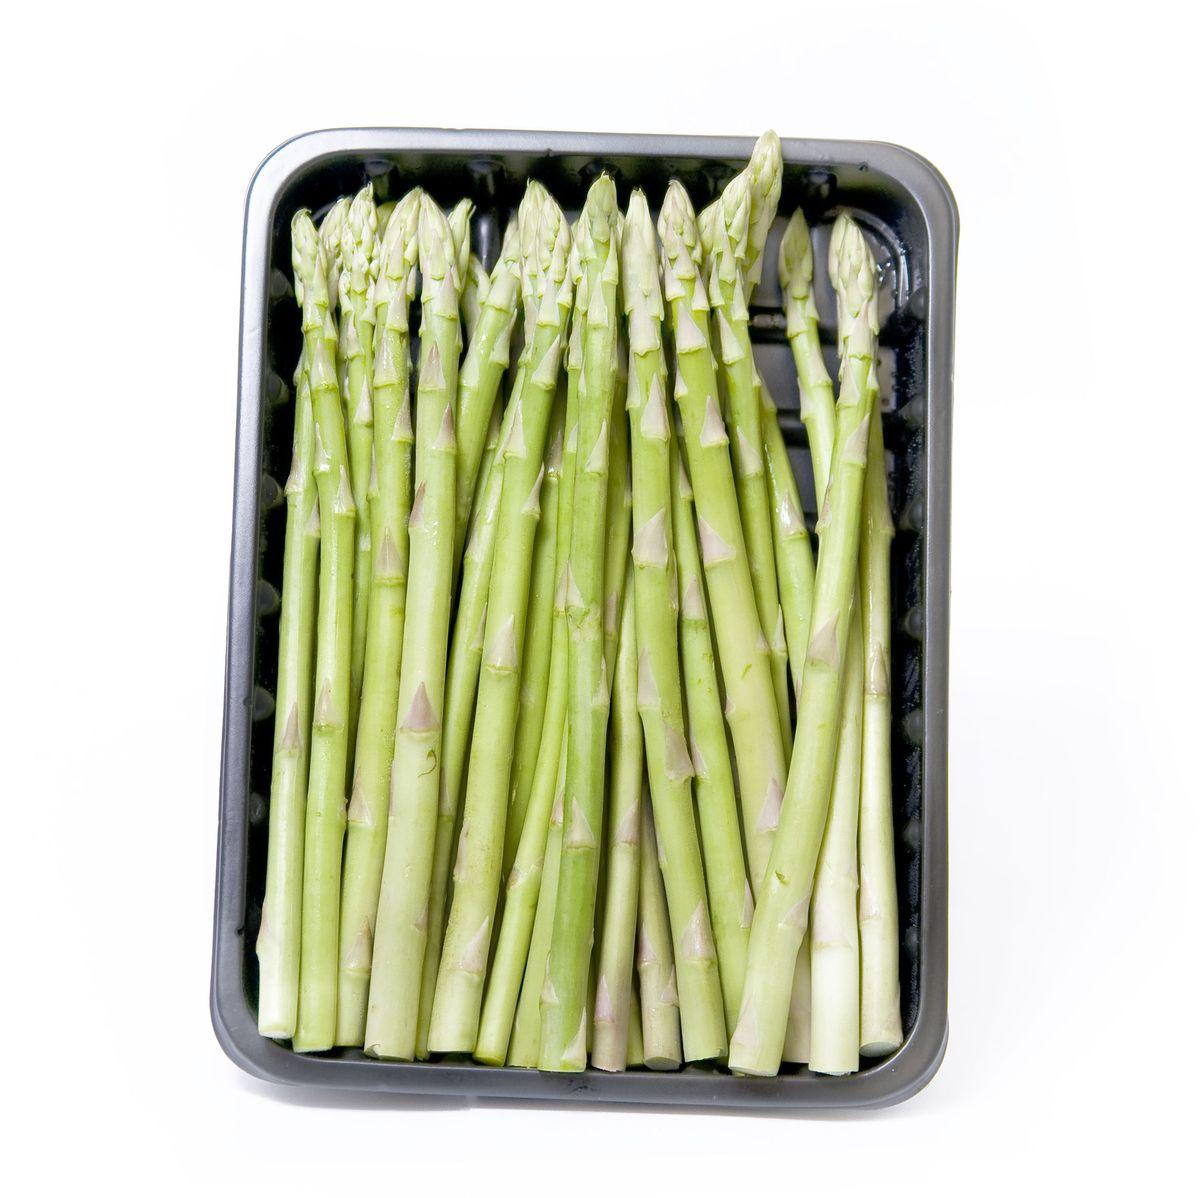 Мини Спаржа, 165 г310929Спаржа – лучший поставщик фолиевой кислоты, необходимой для формирования клеток крови, роста организма и предотвращения заболеваний печени. Спаржу, как правило, варят на пару, заправляя соусом из уксуса, масла и соли. Из верхушек овоща готовят вкусный суп-пюре, суфле и джемы. Уважаемые клиенты! Обратите, пожалуйста, внимание: изображение товара на сайте может отличаться от фактического вида товара. Фото представлено для визуального восприятия товара.